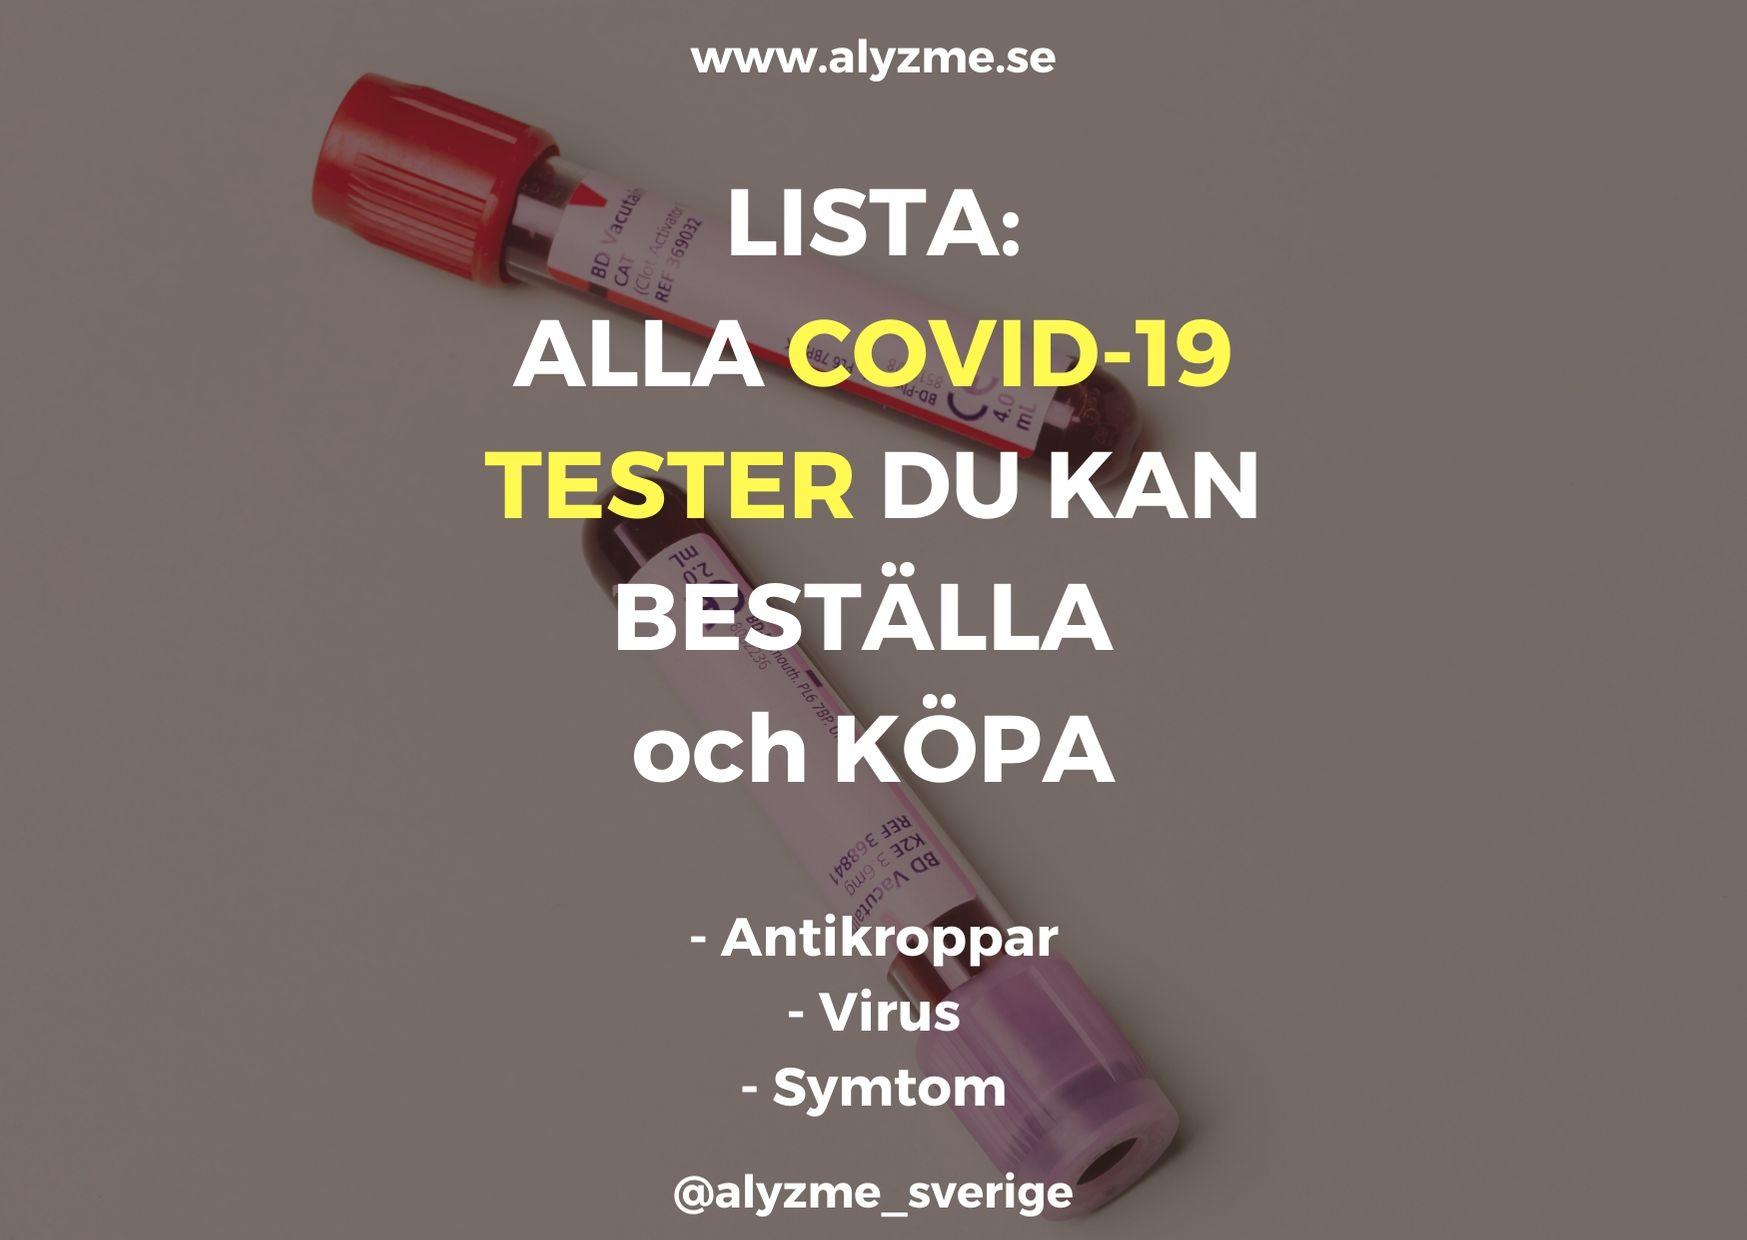 Lista: Sålda blodprov antikroppar och självtest corona – plus andra test för COVID-19 du kan beställa hem